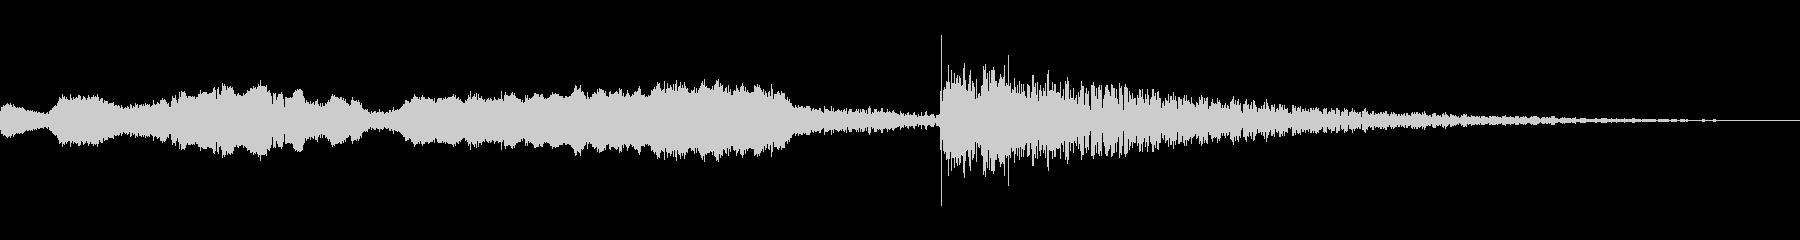 篠笛、太鼓、琴、鈴の和風ジングル(6秒)の未再生の波形